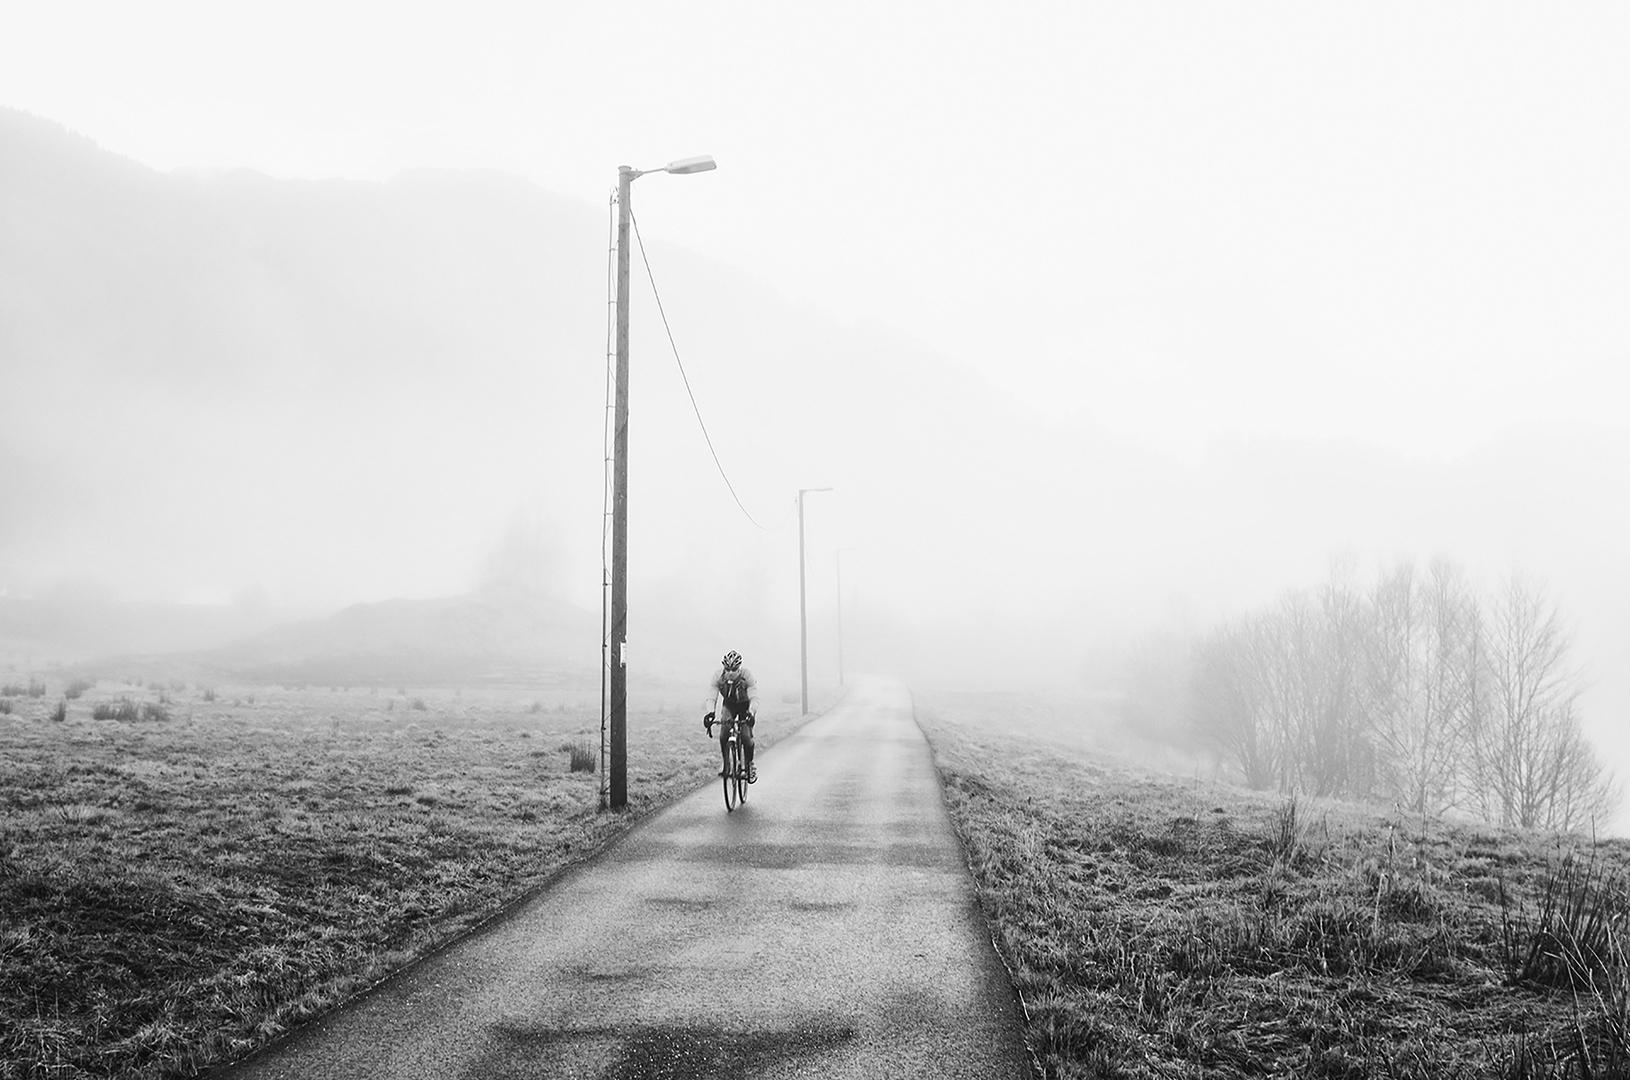 Out of the fog, Bente Nedrebø